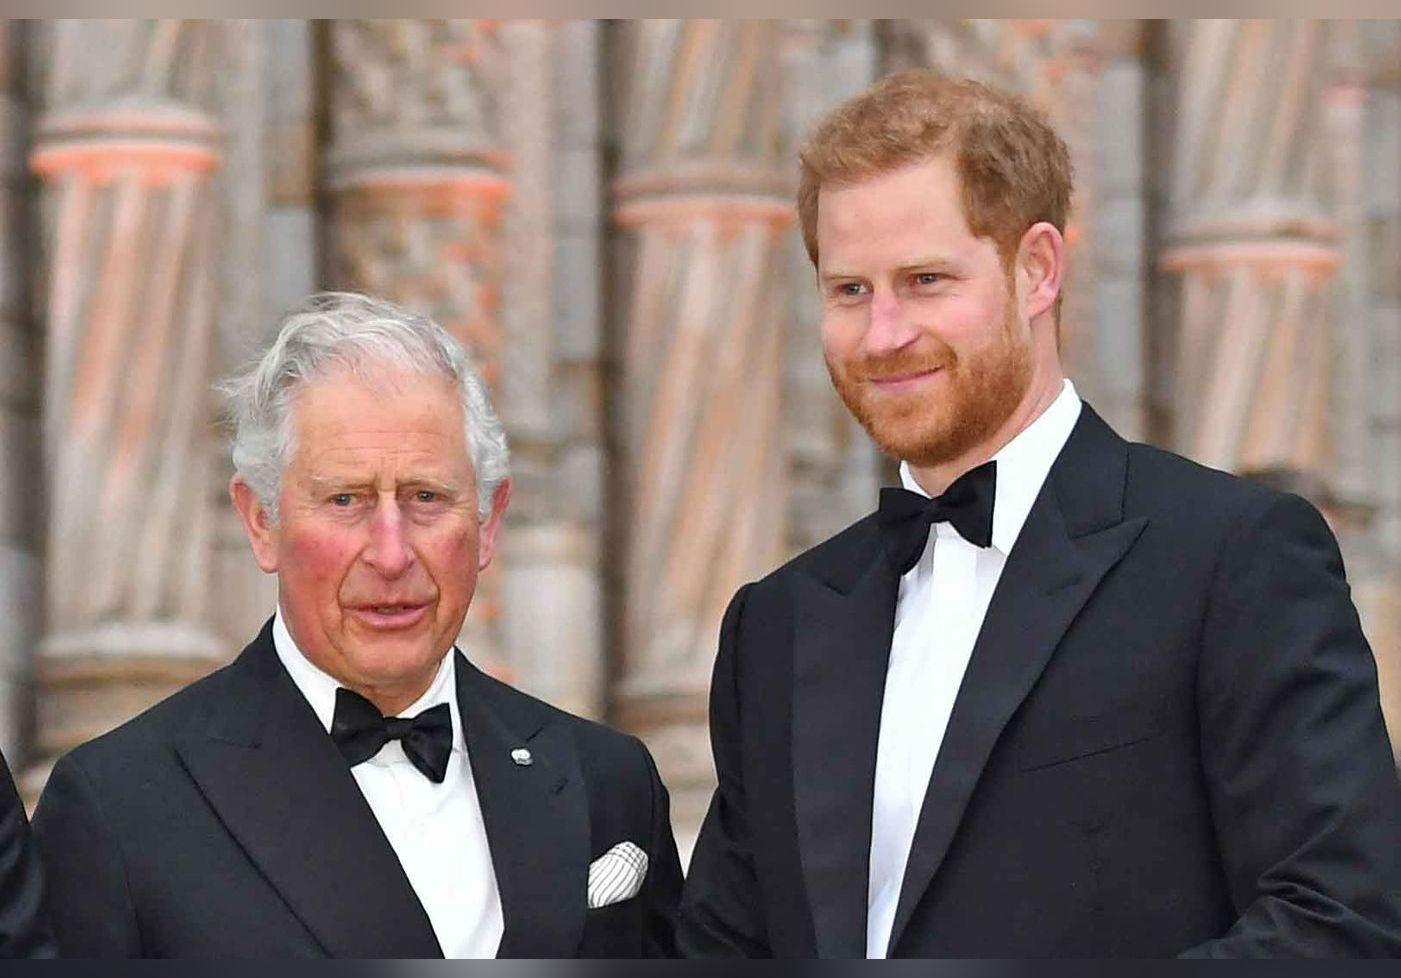 Le prince Harry coupé financièrement ? Le prince Charles lui a versé une énorme somme après le Megxit !